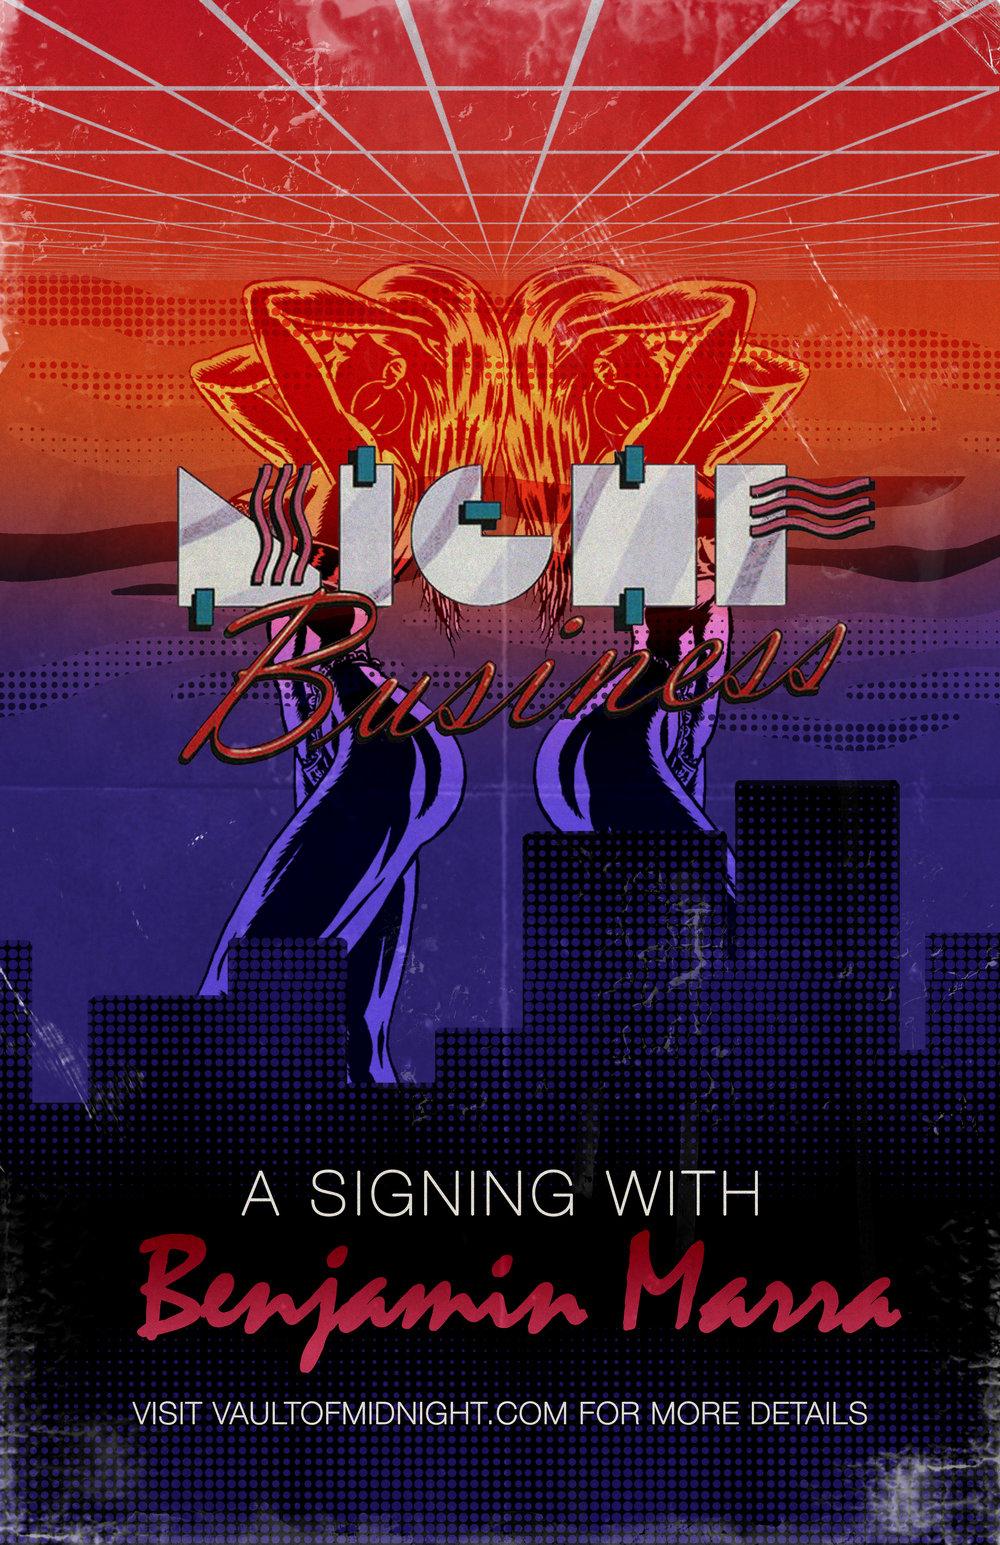 Ben Marra Signing Poster - ALL.jpg